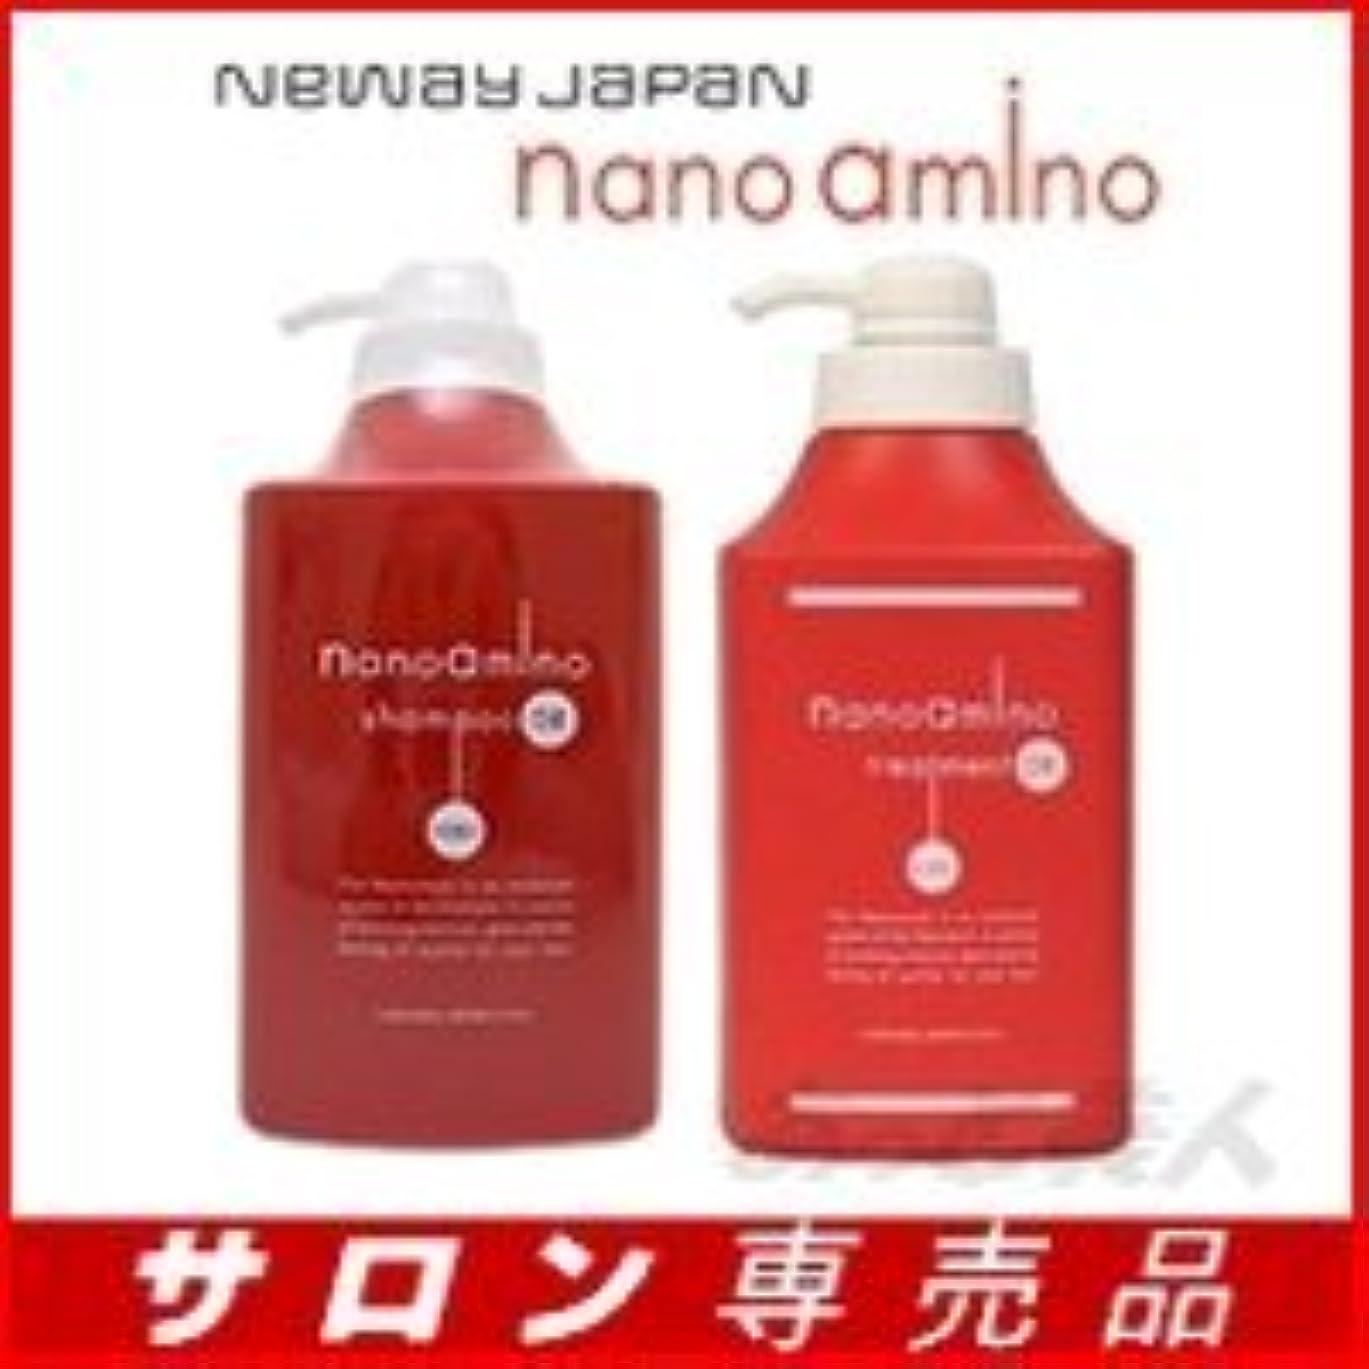 懲戒平野箱ニューウェイジャパン ナノアミノ シャンプーDR1000mlポンプ&トリートメントDR1000gポンプセット